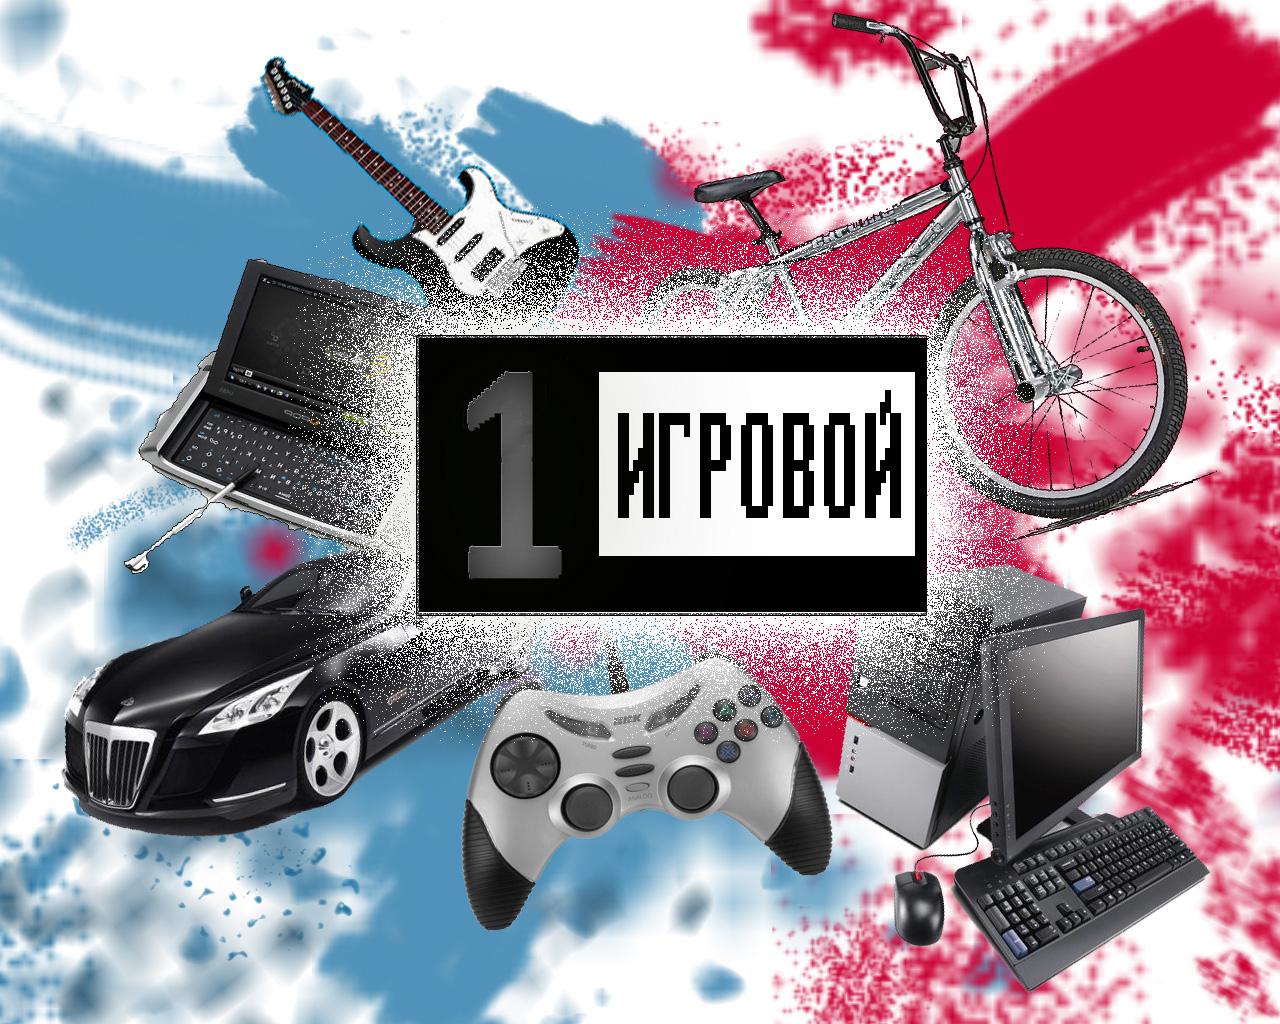 gallery_79589_27_527176.jpg